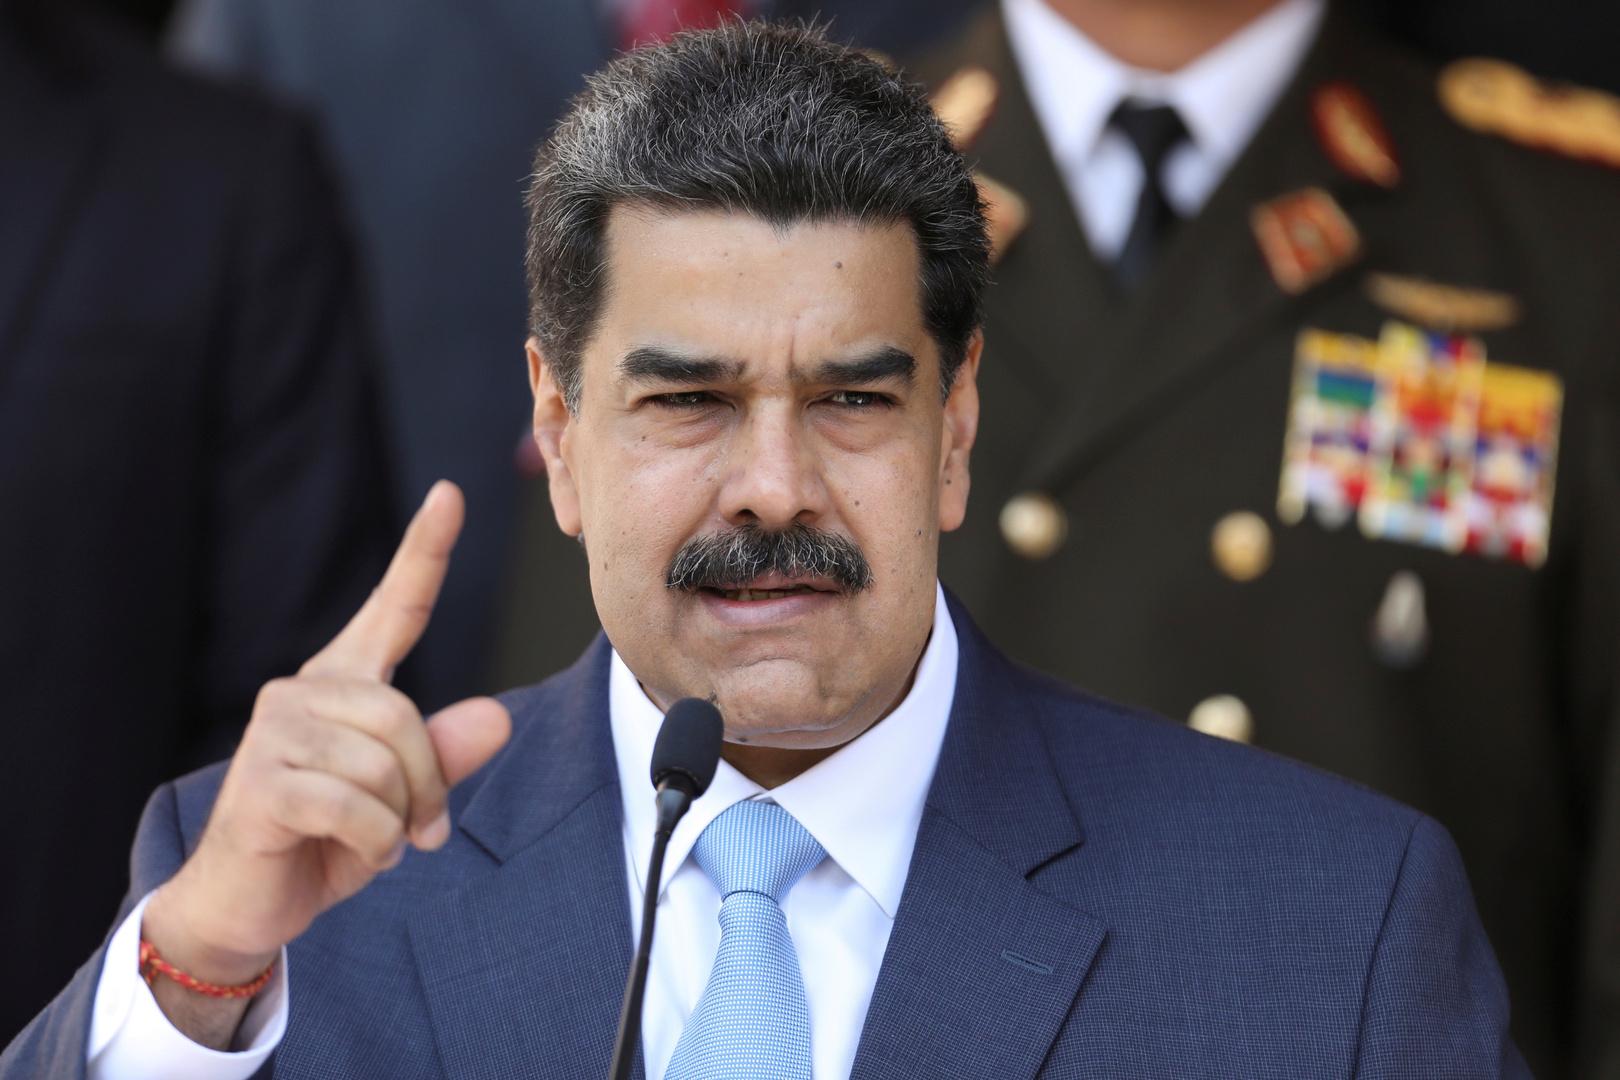 واشنطن تتهم مادورو بالتورط في تجارة المخدرات وترصد مكافأة مجزية لاعتقاله